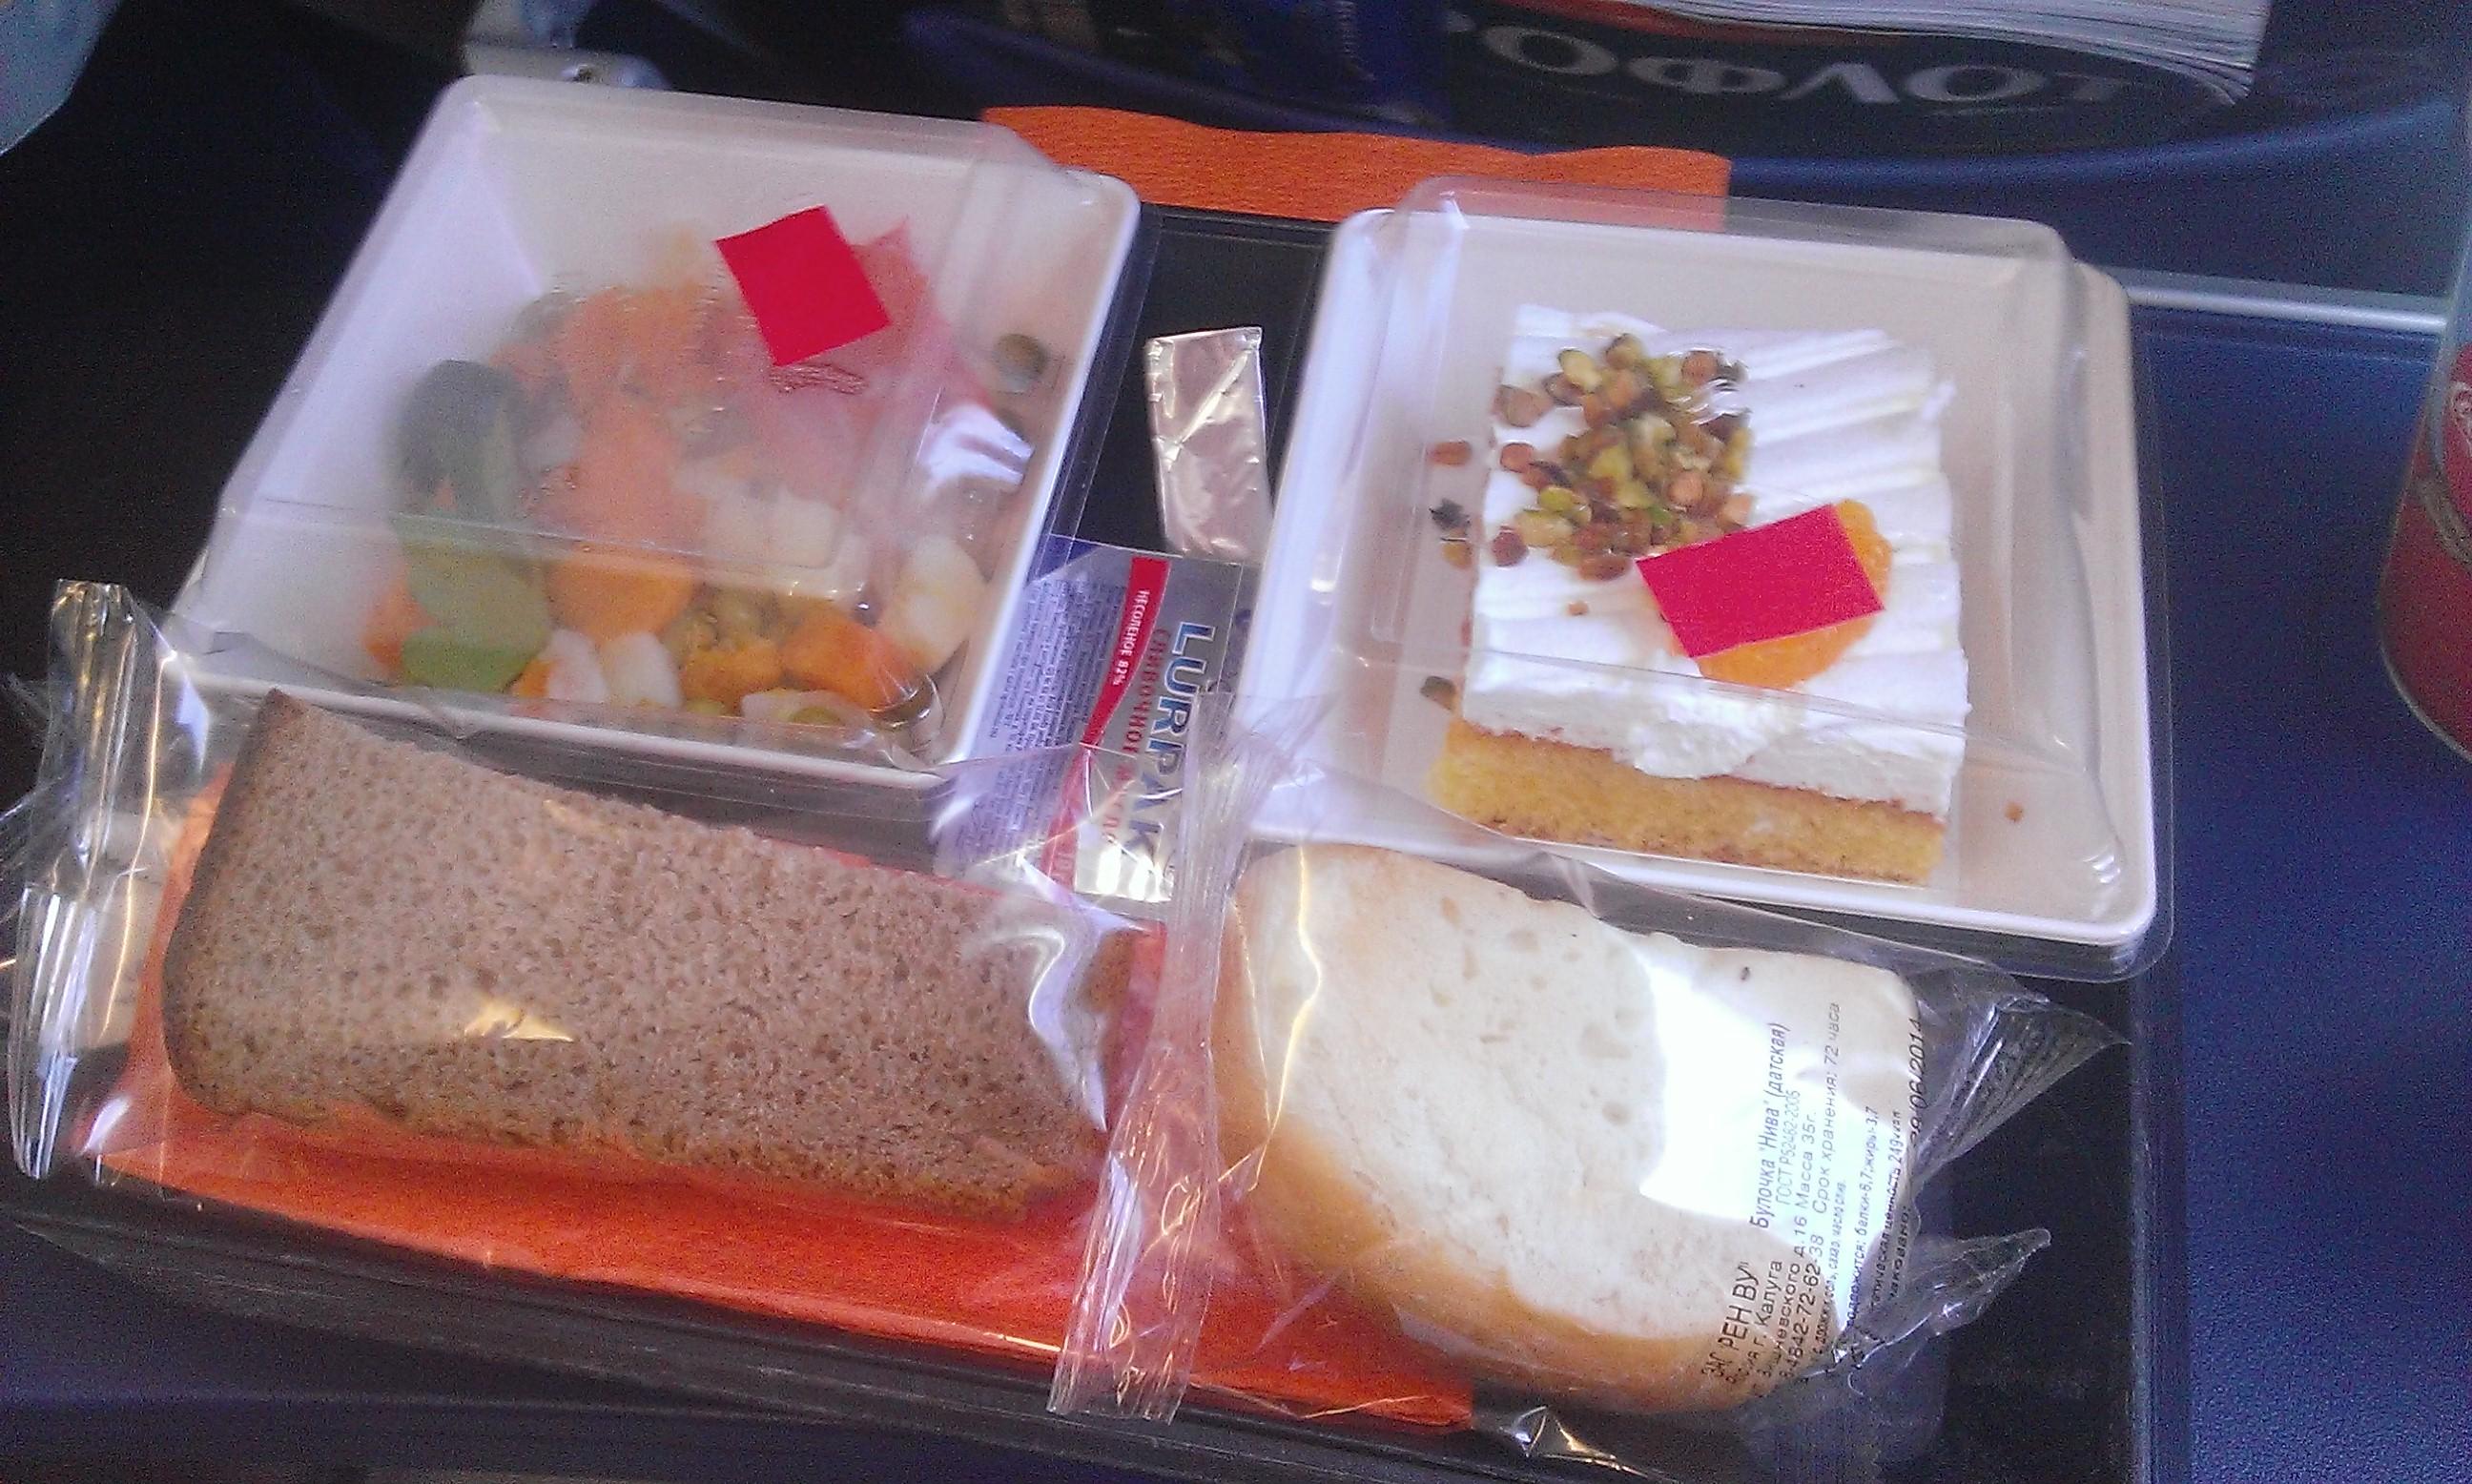 Aeroflot, Moszkva-Budapest, rövid út, átlagos színvonalú táplálék, a süti finom volt